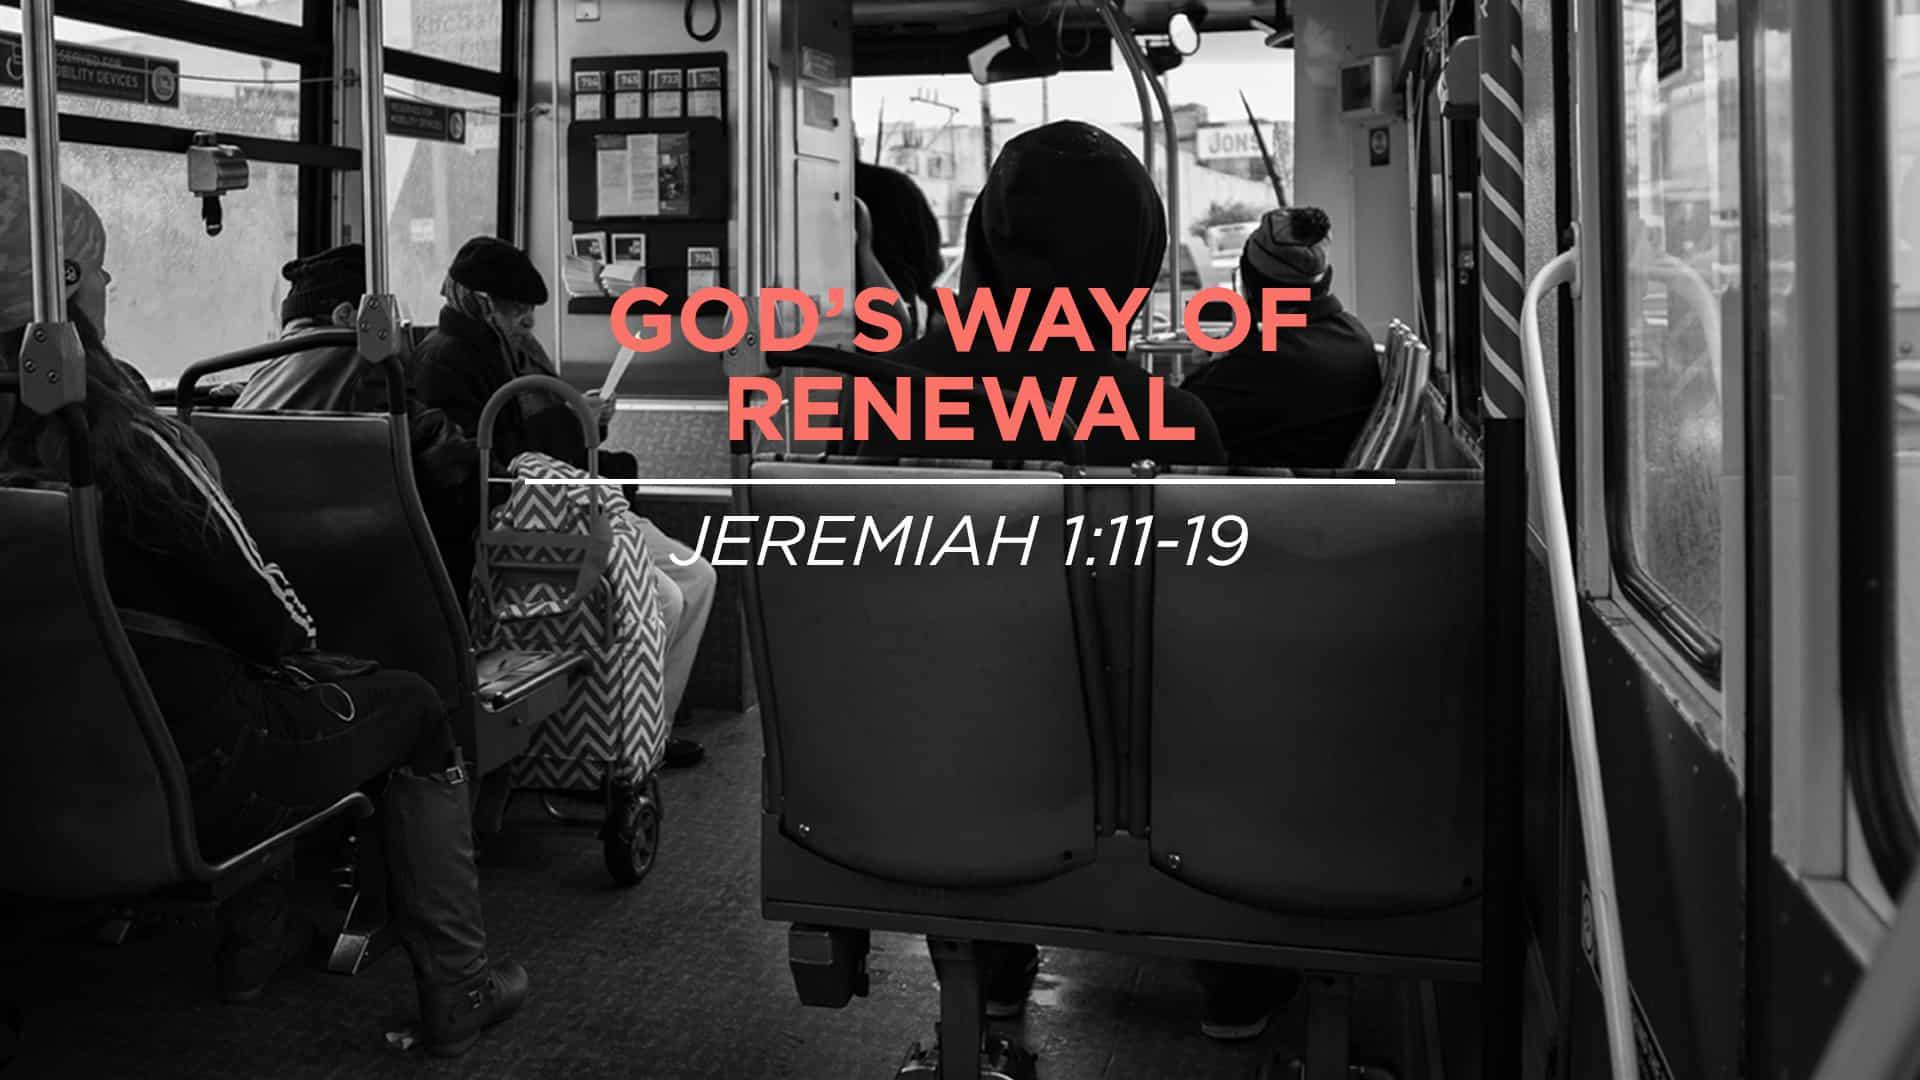 God's Way of Renewal